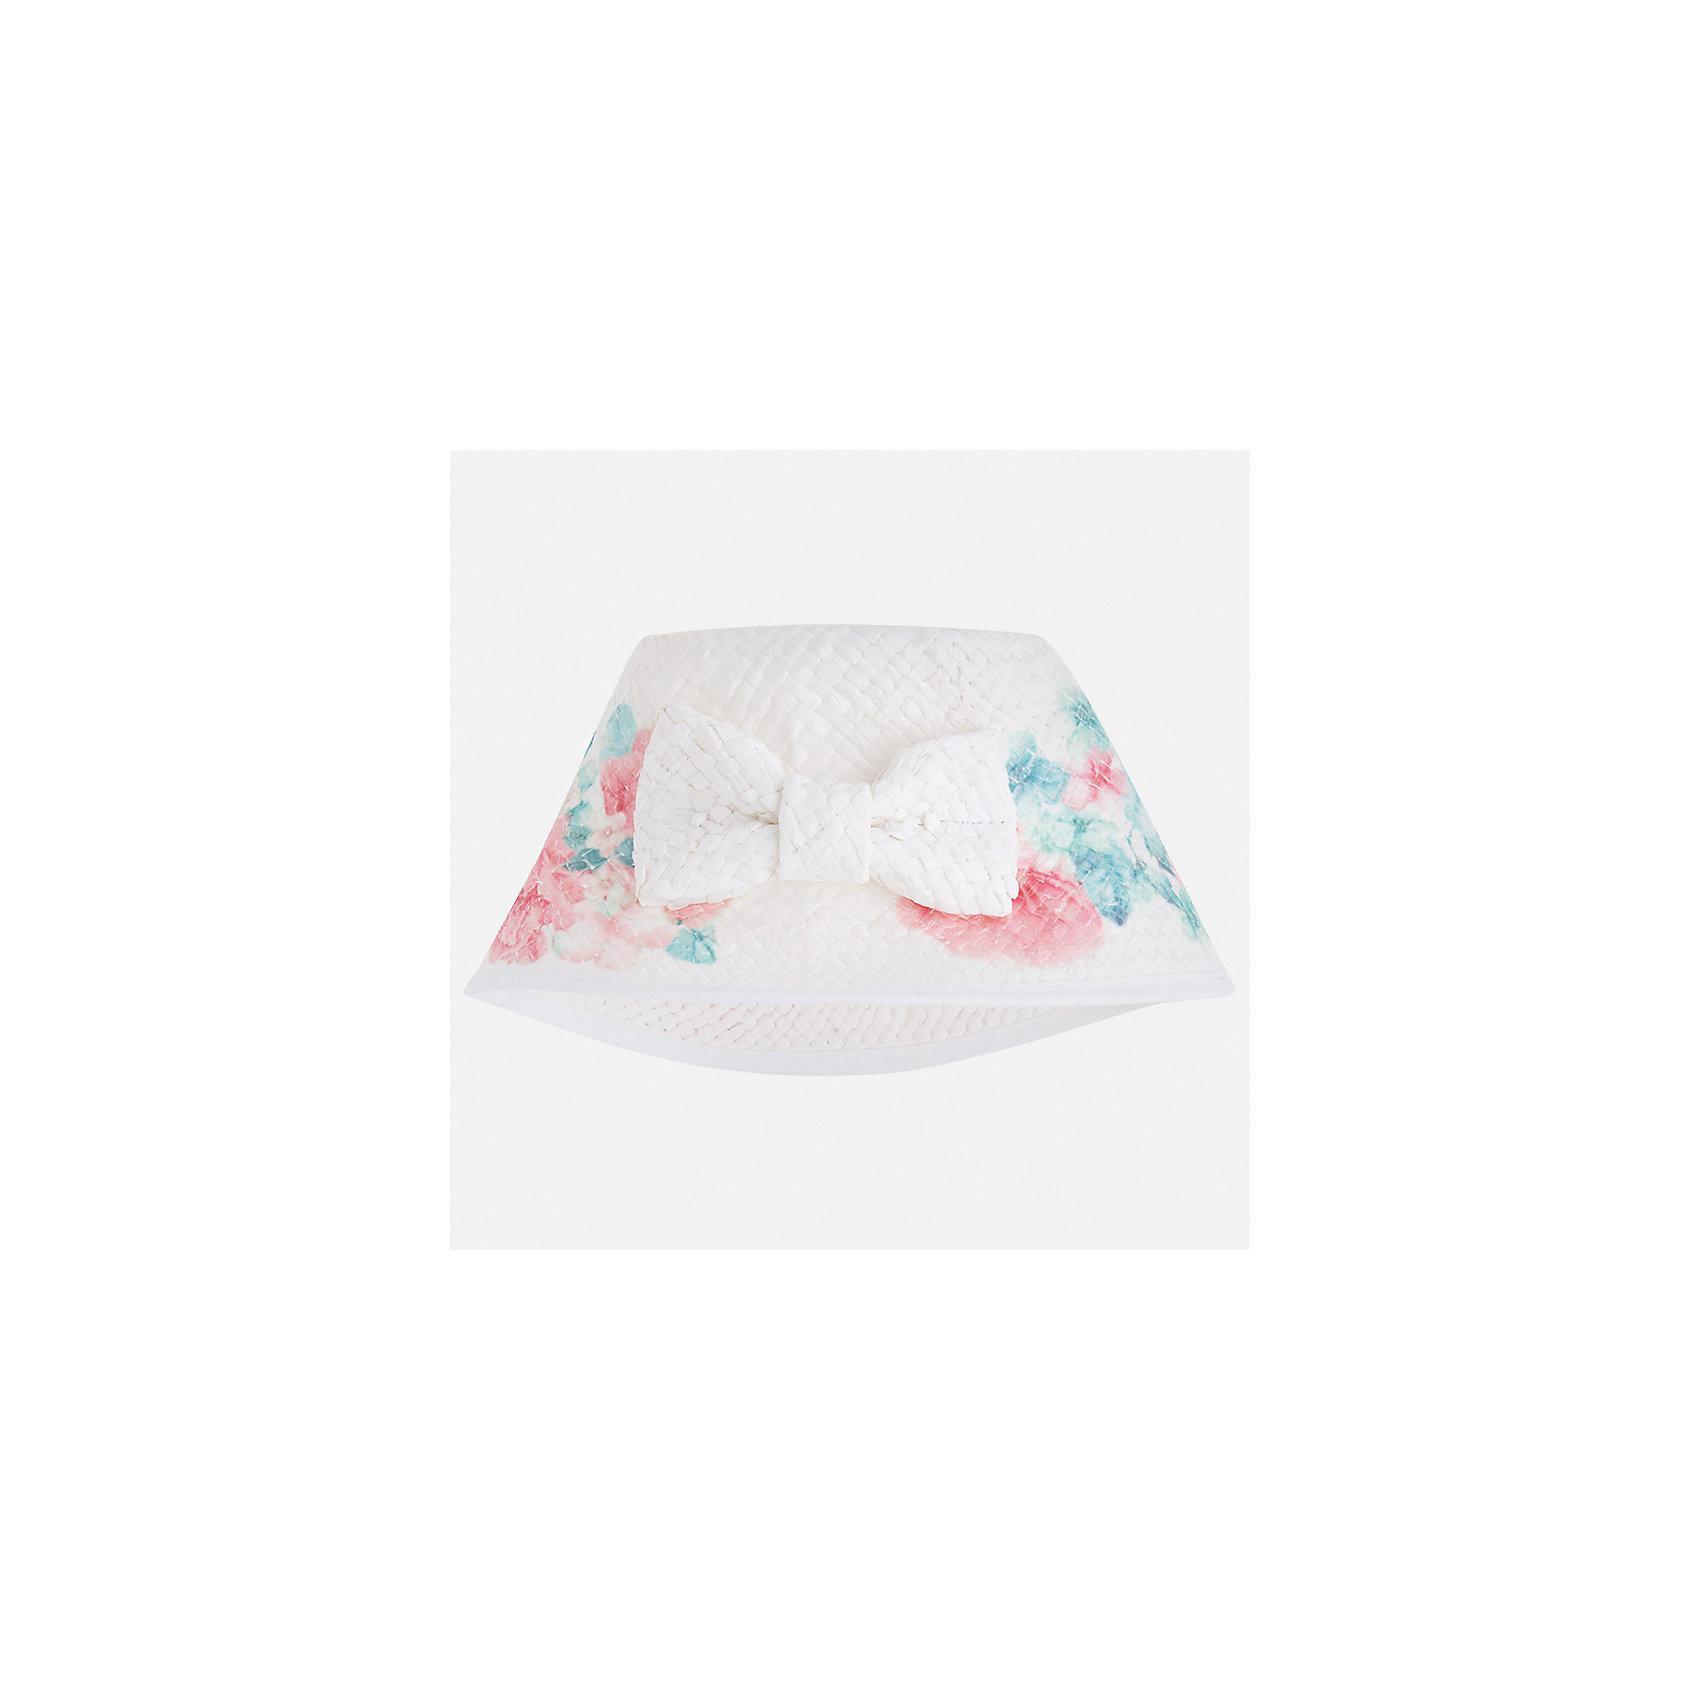 Шляпа для девочки MayoralГоловные уборы<br>Характеристики товара:<br><br>• цвет: белый<br>• состав: 100% бумага<br>• принт<br>• дышащая фактура<br>• декорирована бантом<br>• страна бренда: Испания<br><br>Красивая легкая шляпа для девочки поможет обеспечить ребенку защиту от солнца и дополнить наряд. Универсальный цвет позволяет надевать её под наряды различных расцветок. Шляпа удобно сидит и красиво смотрится. <br><br>Одежда, обувь и аксессуары от испанского бренда Mayoral полюбились детям и взрослым по всему миру. Модели этой марки - стильные и удобные. Для их производства используются только безопасные, качественные материалы и фурнитура. Порадуйте ребенка модными и красивыми вещами от Mayoral! <br><br>Шляпу для девочки от испанского бренда Mayoral (Майорал) можно купить в нашем интернет-магазине.<br><br>Ширина мм: 89<br>Глубина мм: 117<br>Высота мм: 44<br>Вес г: 155<br>Цвет: белый<br>Возраст от месяцев: 48<br>Возраст до месяцев: 60<br>Пол: Женский<br>Возраст: Детский<br>Размер: 52,50,54<br>SKU: 5293519